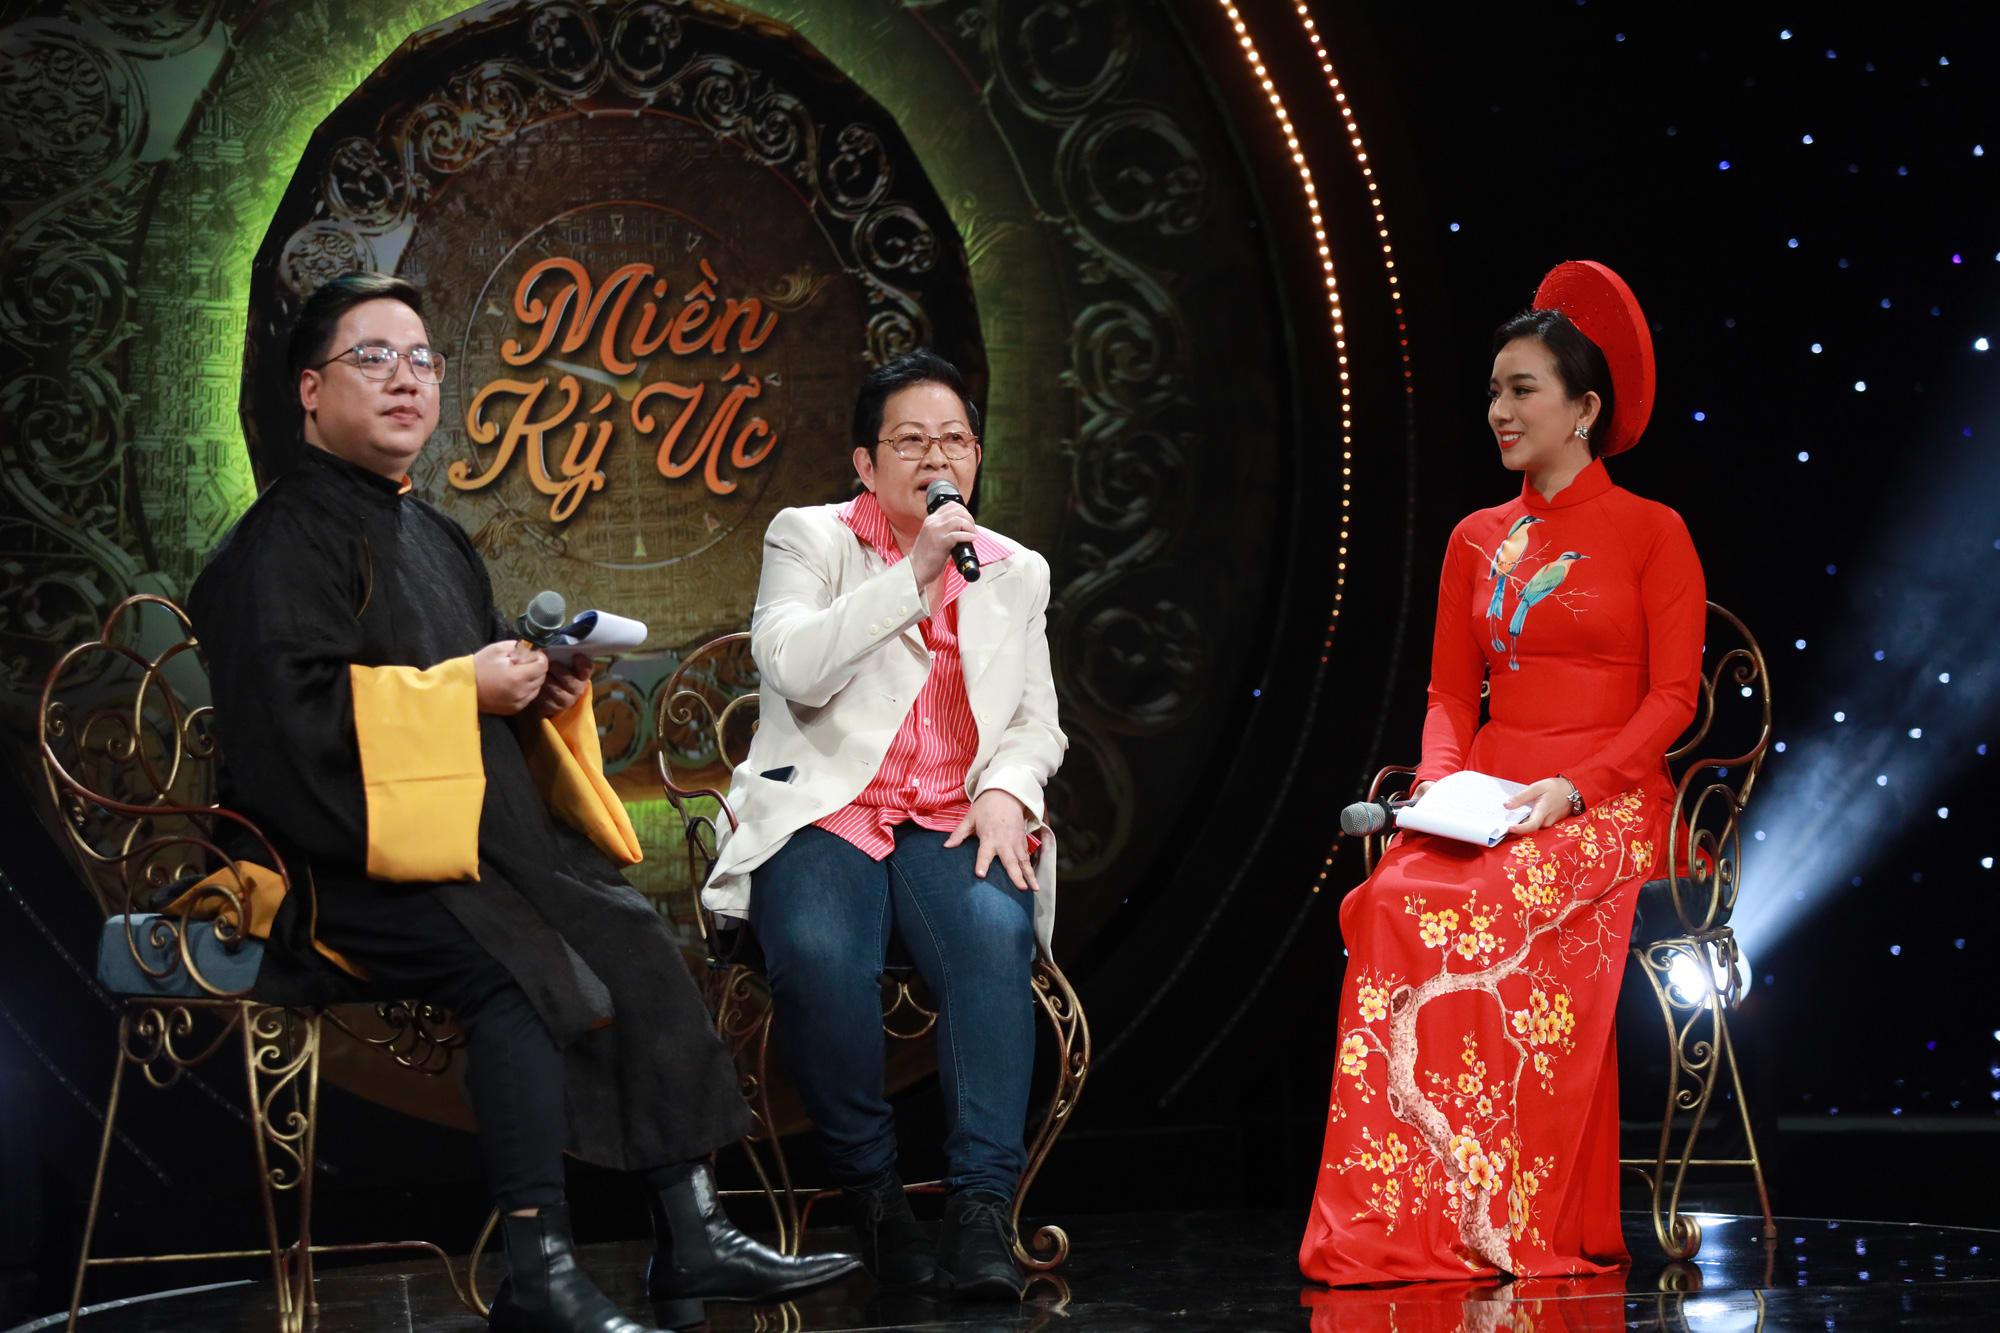 NSƯT Tú Sương, đạo diễn Hoa Hạ tạo dấu ấn qua Miền ký ức - Ảnh 2.